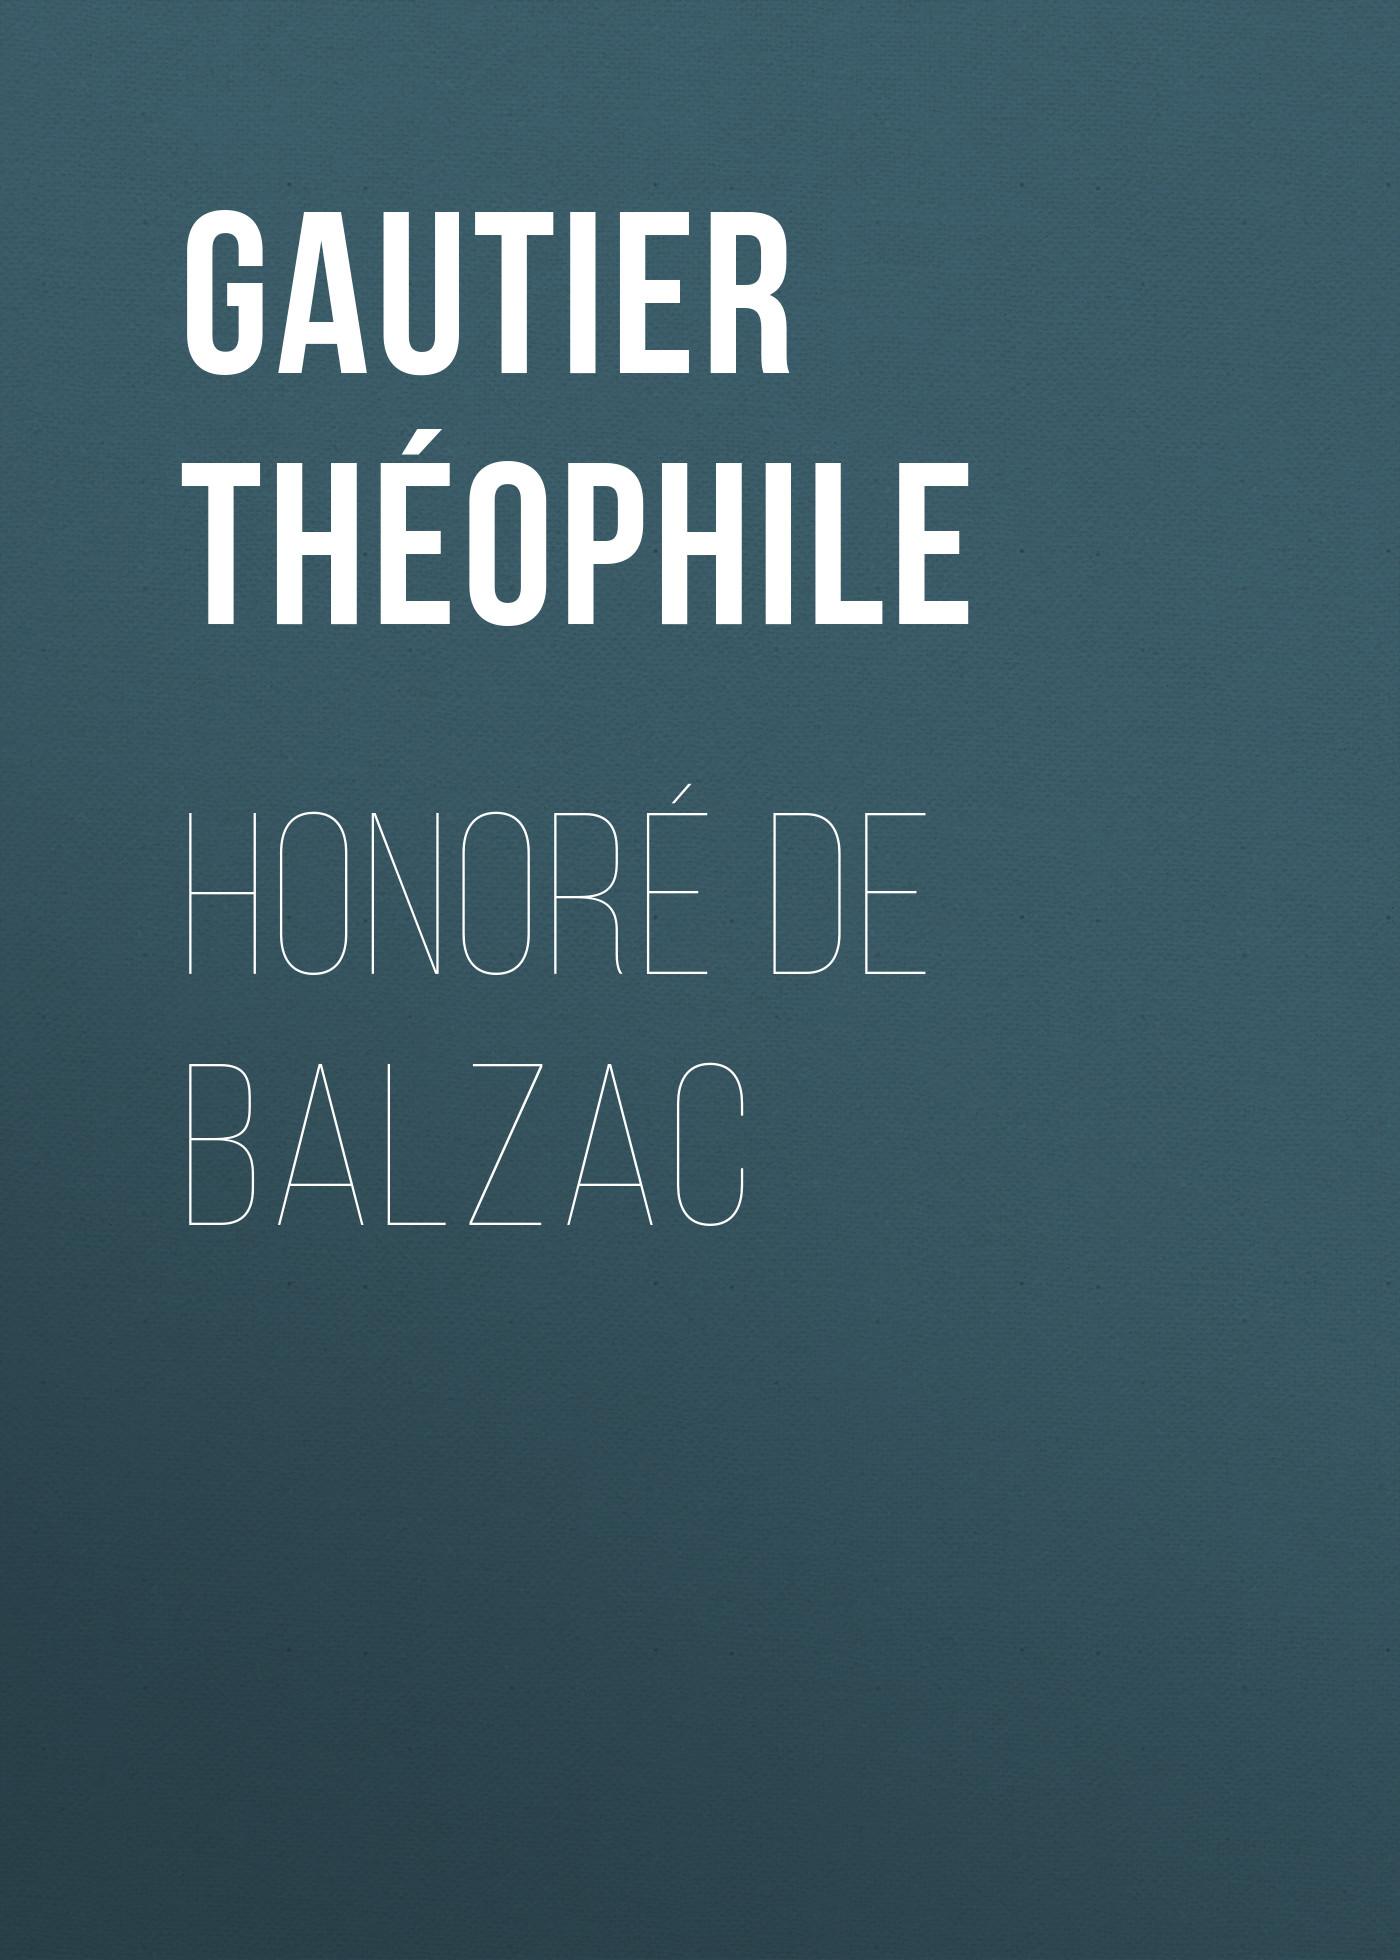 Gautier Théophile Honoré de Balzac gautier théophile émaux et camées